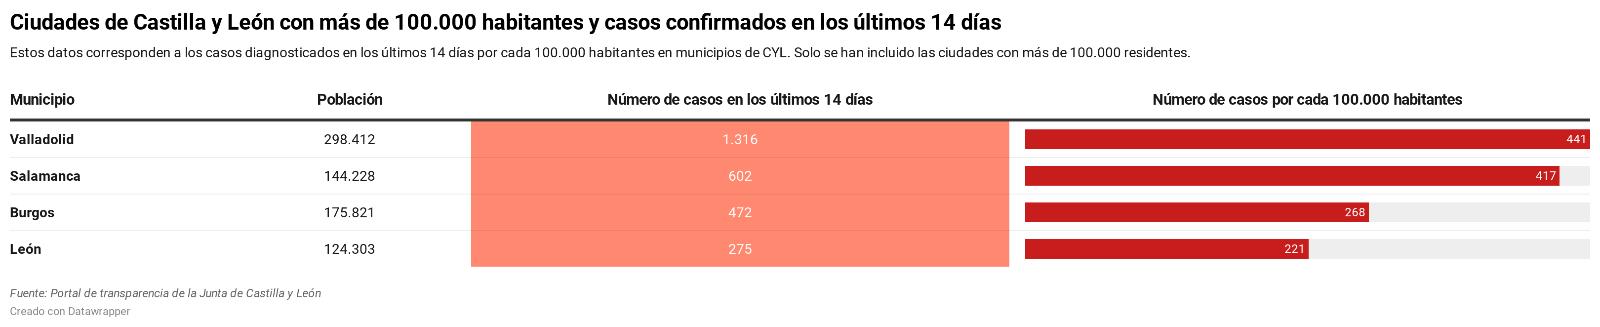 Valladolid y Salamanca estarían cerca de confinarse si se aplica el pacto entre Sanidad y Madrid | Imagen 2